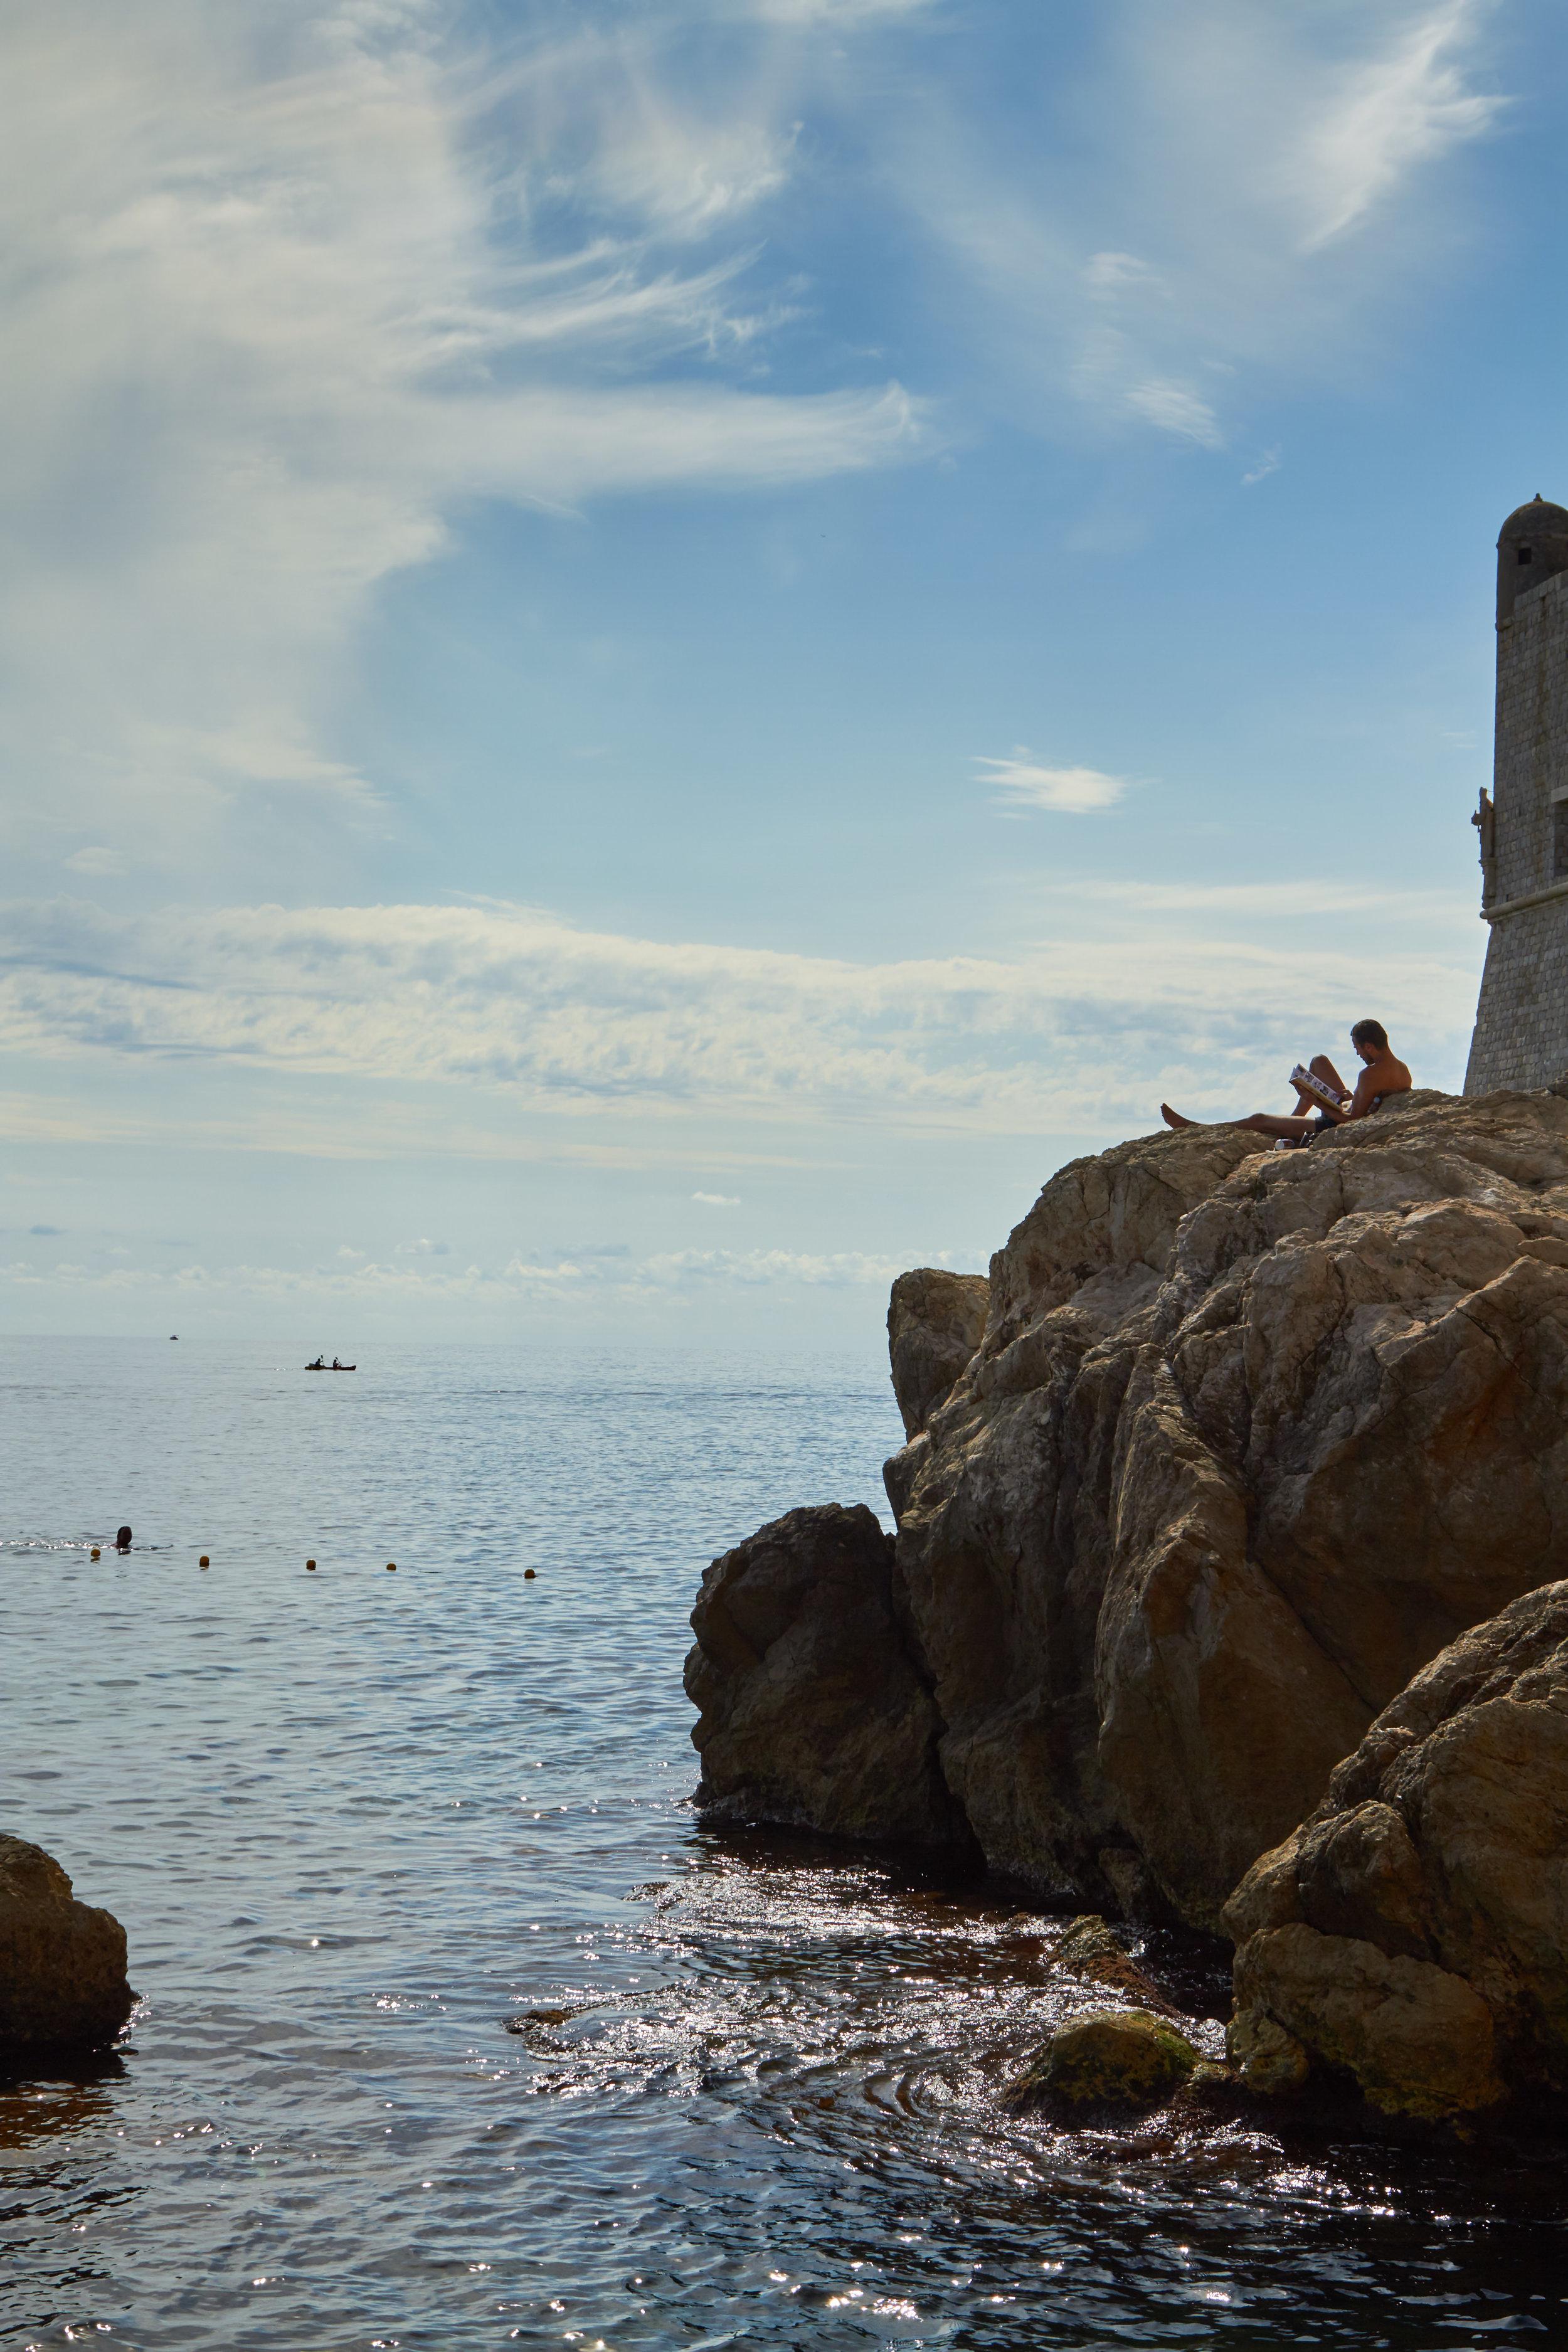 4_25-09-17_Dubrovnik_0065_PROCESSED.jpg